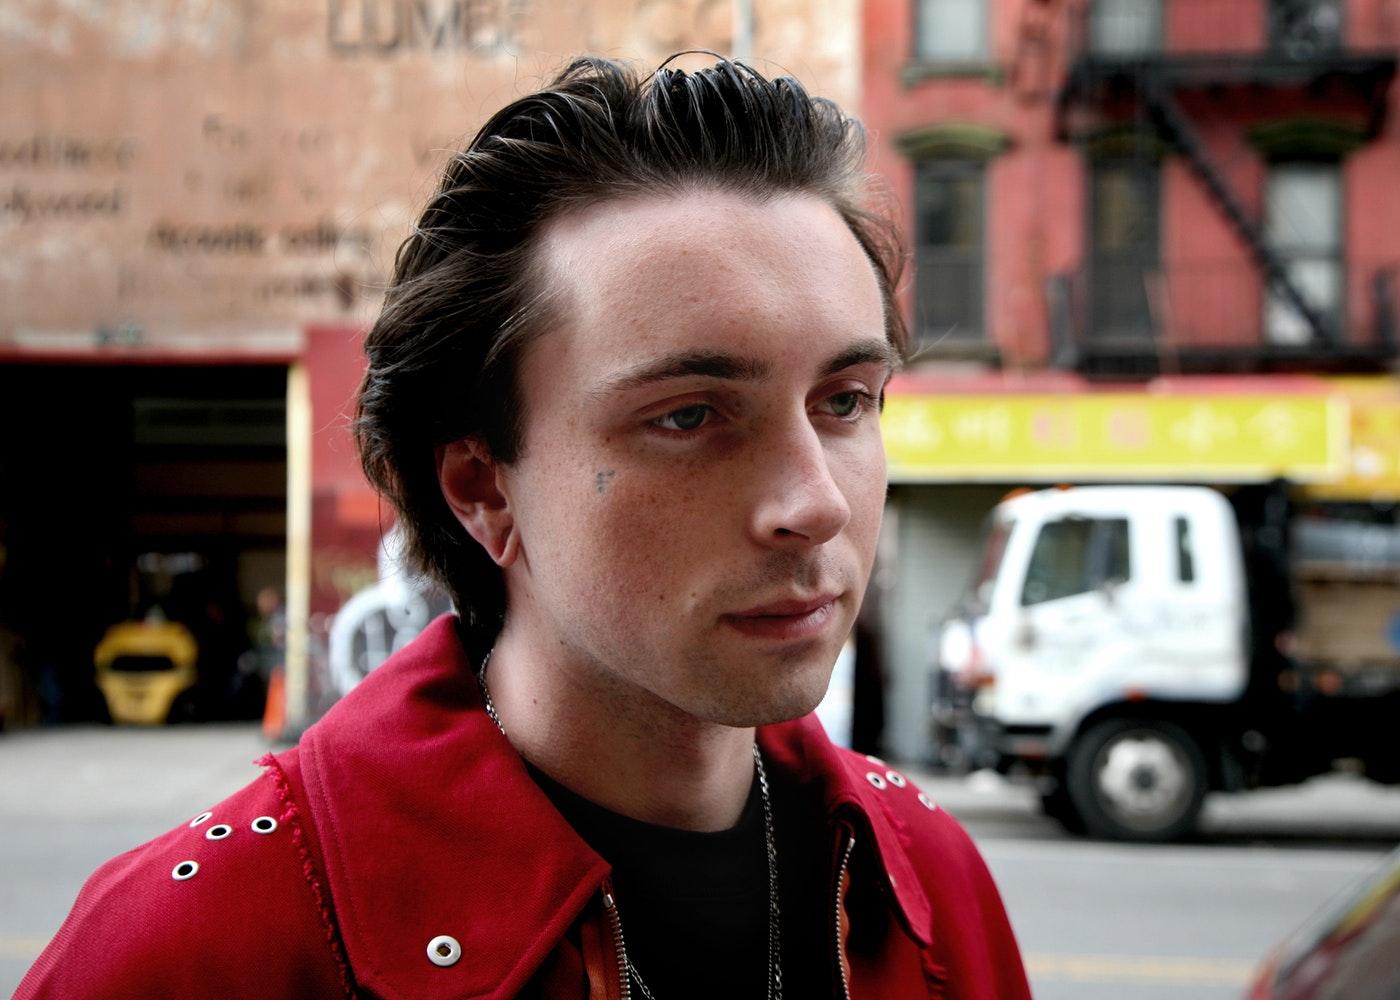 Yuvarlak Yüz Şekli İçin Erkek Saçı Modeli